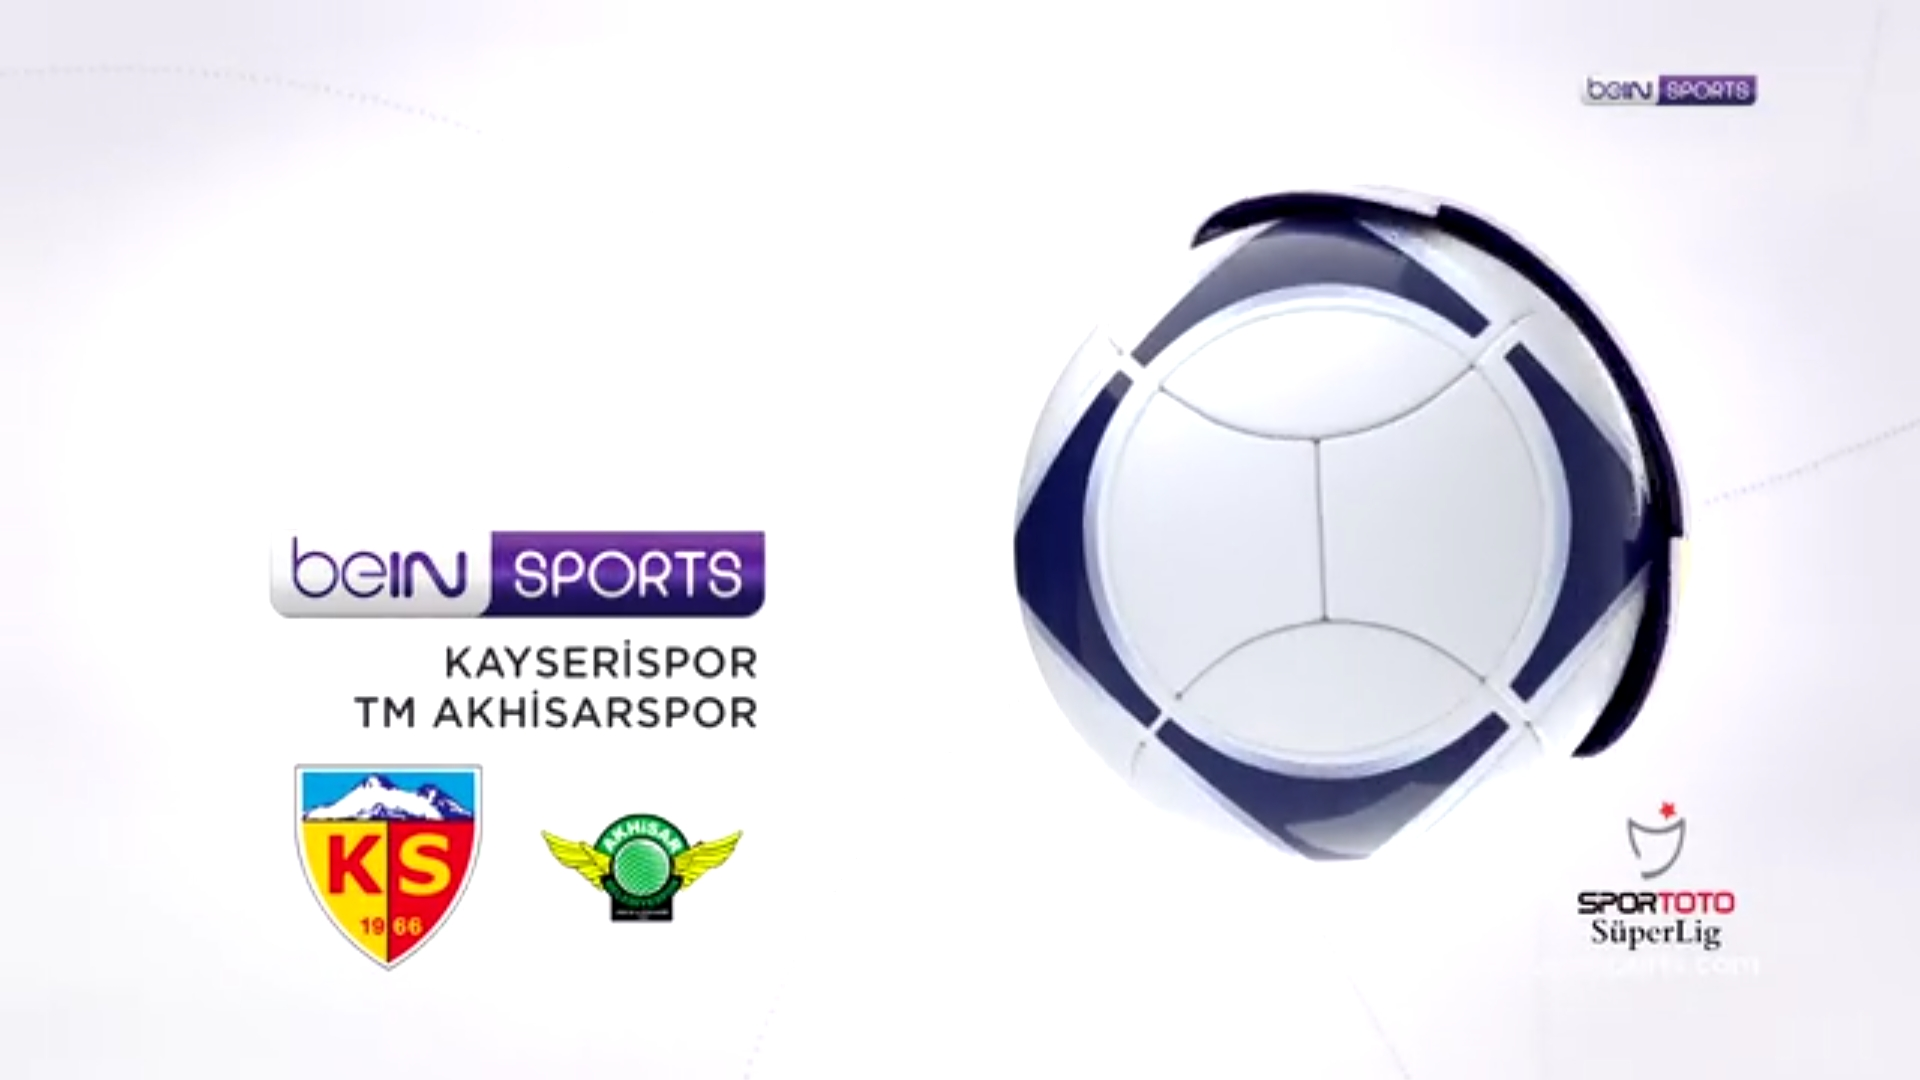 14-05-2018 - Kayserispor 1-2 Akhisarspor